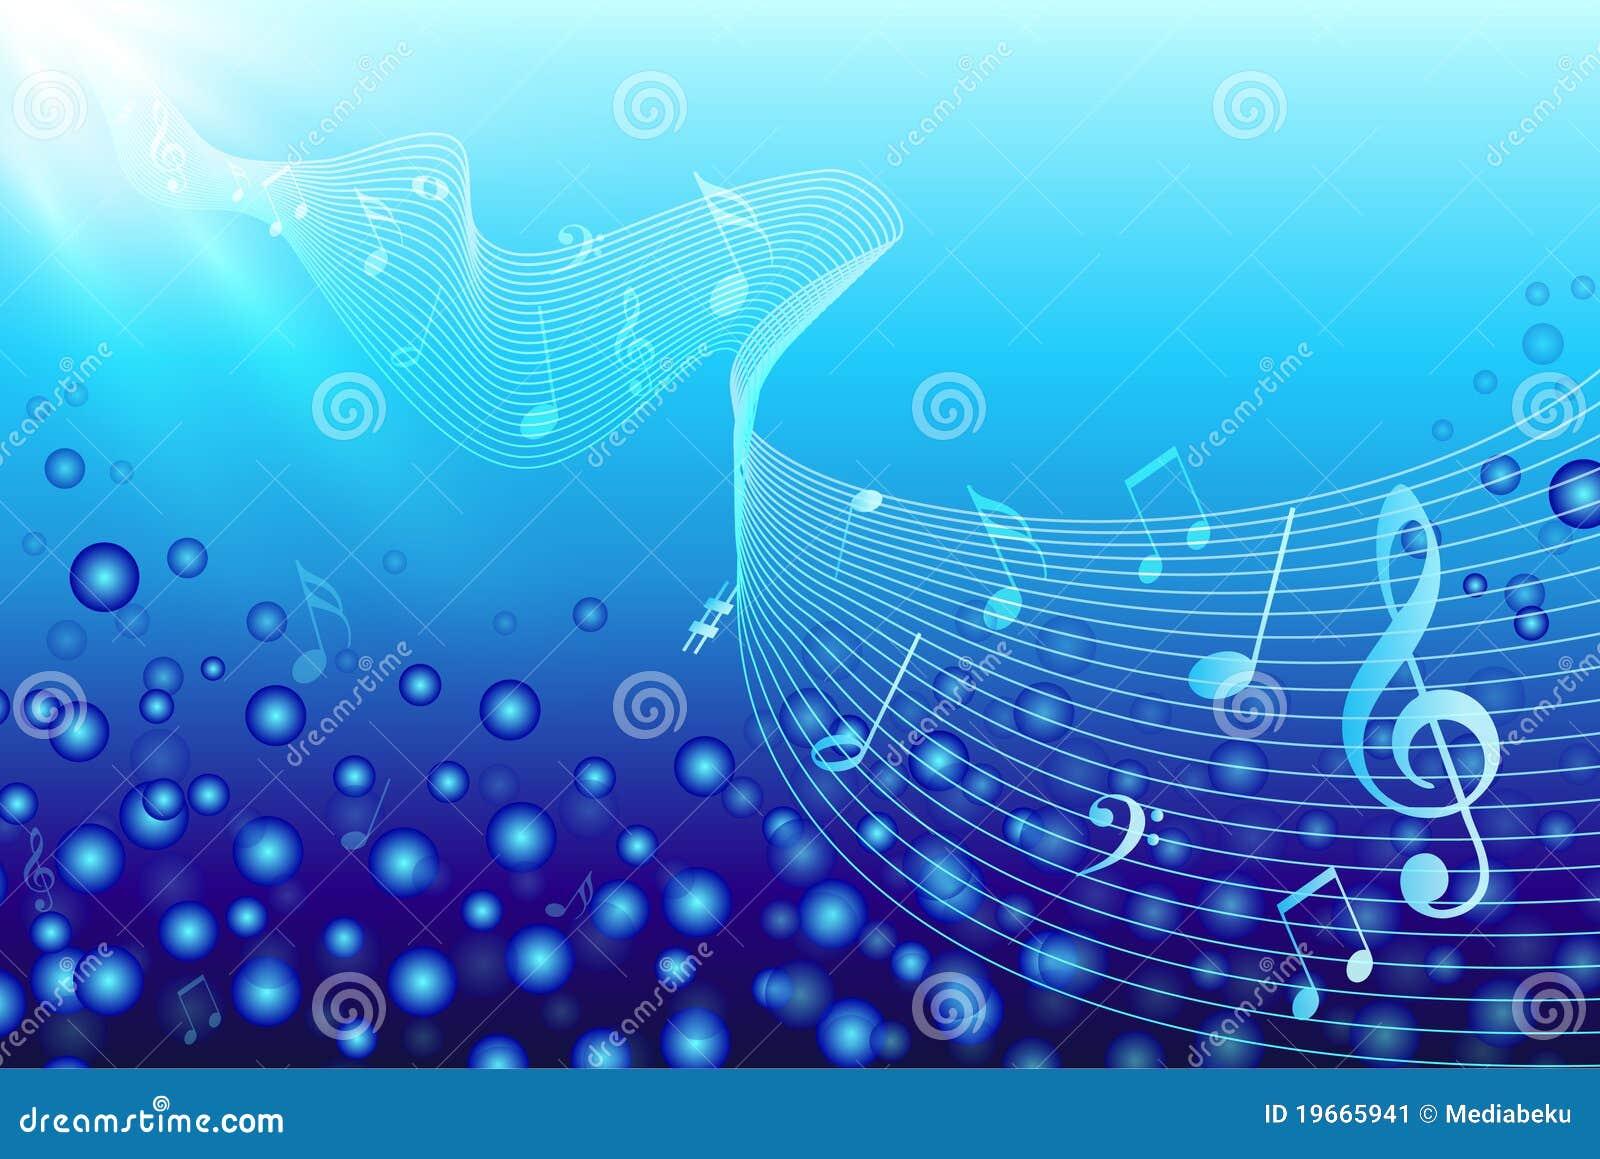 notes de musique dans l 39 eau illustration de vecteur illustration du musique illustration. Black Bedroom Furniture Sets. Home Design Ideas